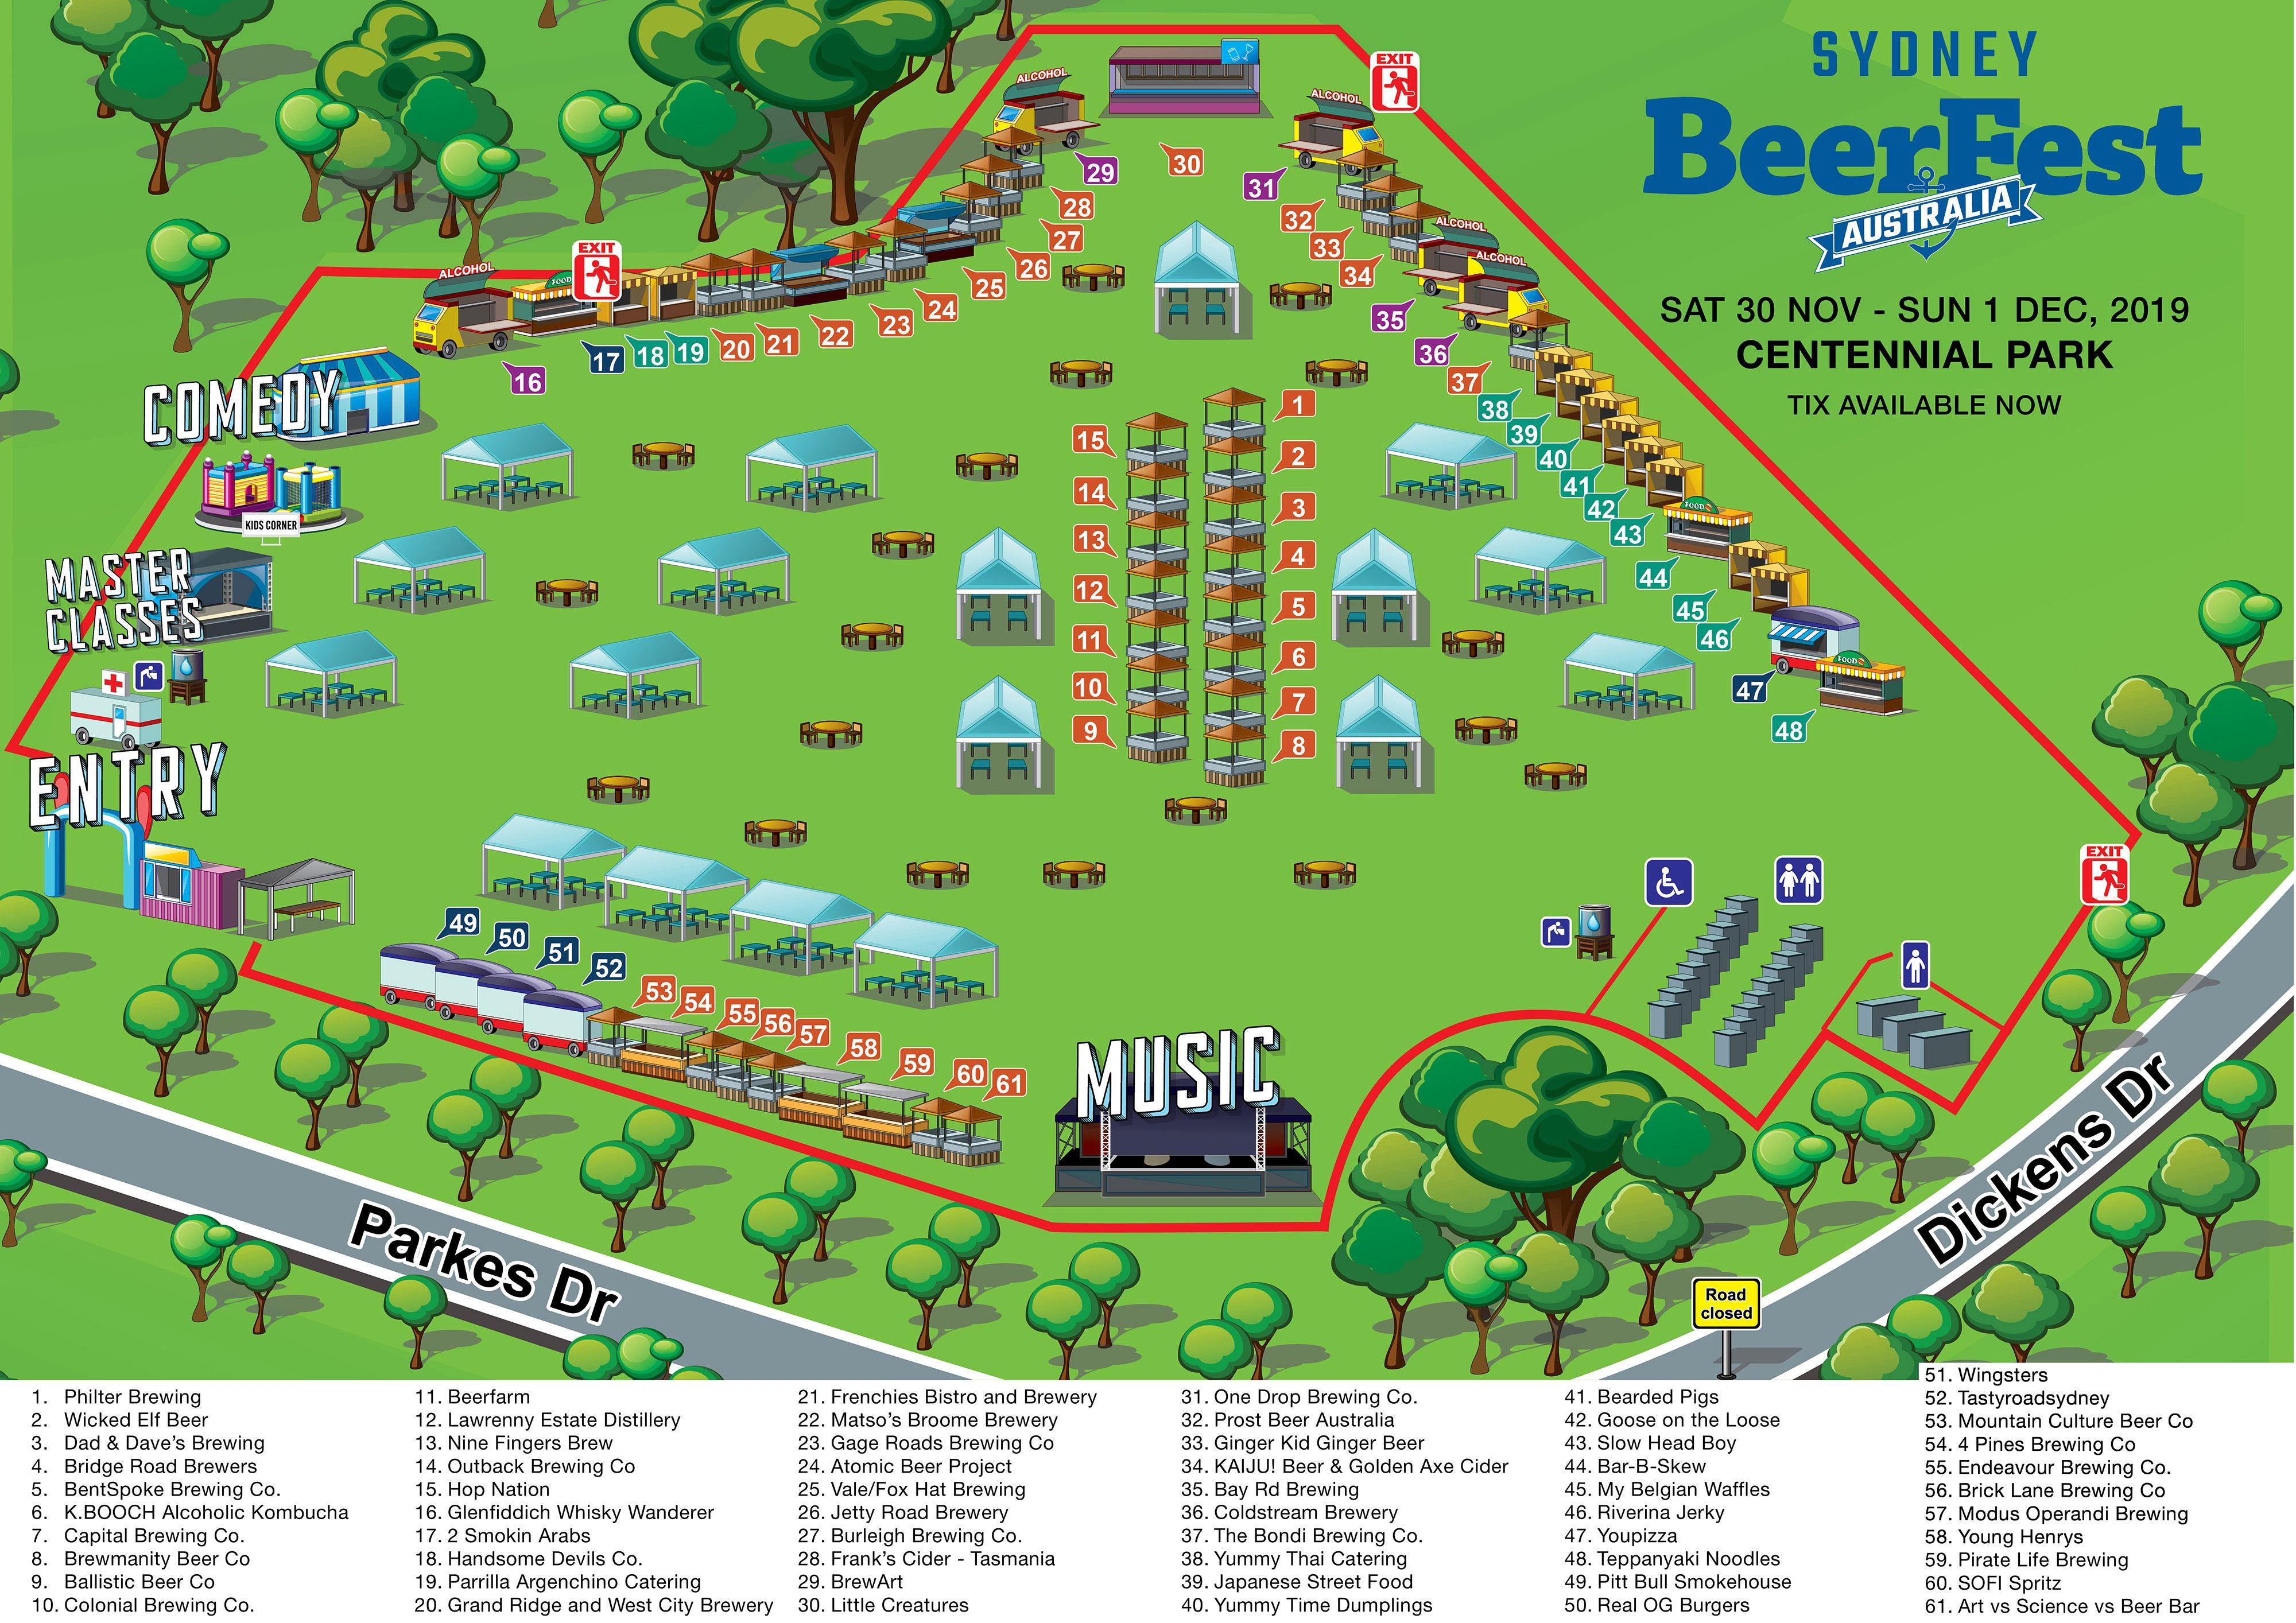 Festival map for Sydney BeerFest 2019